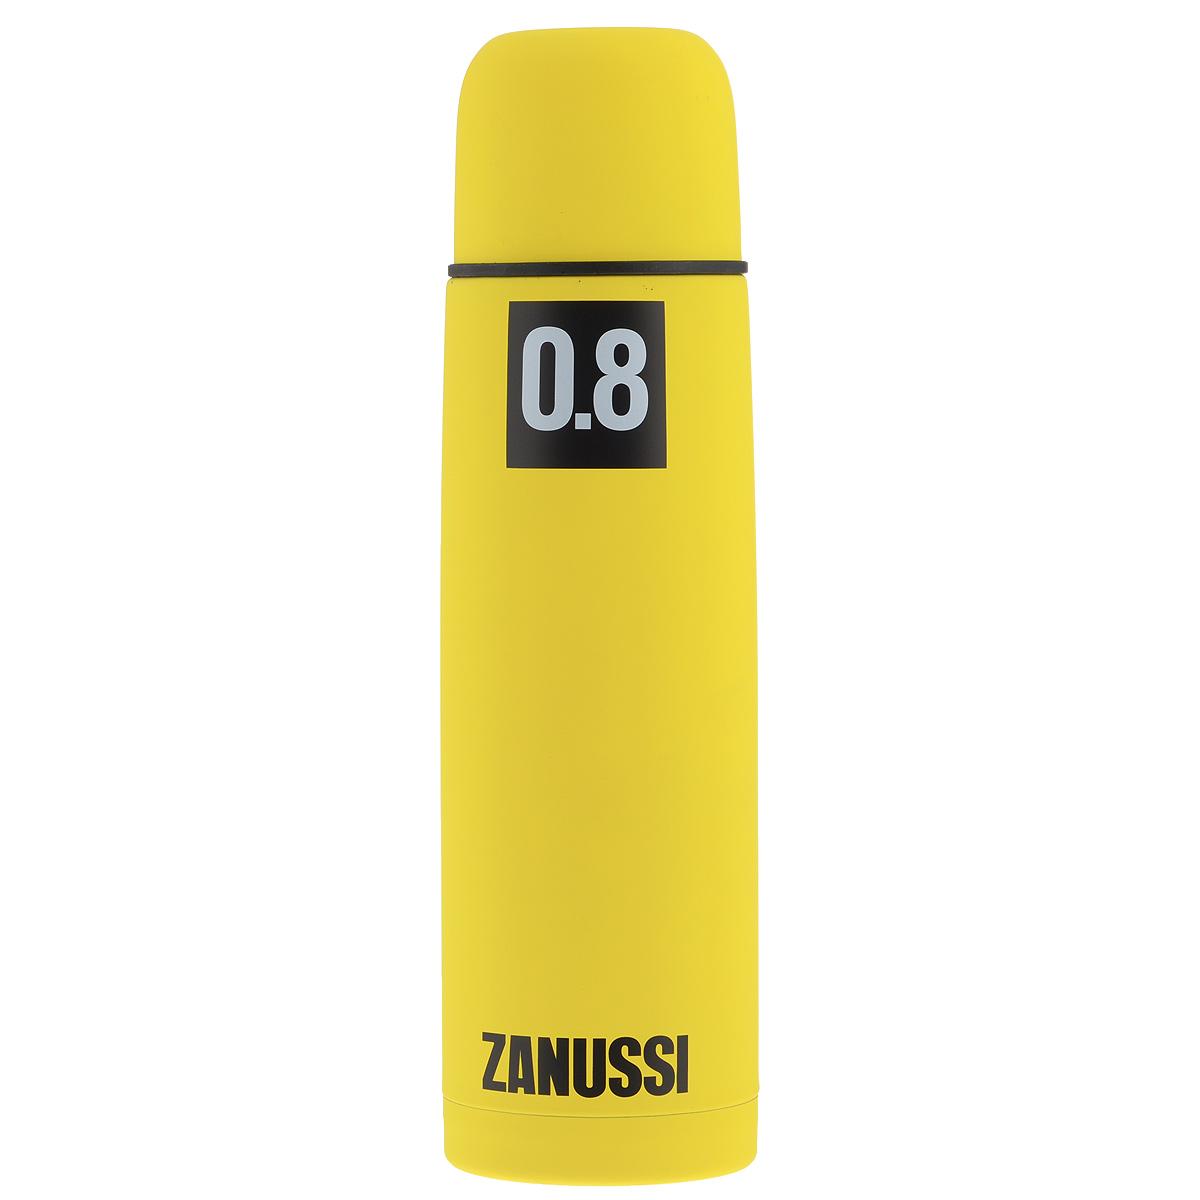 Термос Zanussi, цвет: желтый, 800 мл. ZVF41221CFZVF41221CFТермос с узким горлом Zanussi, изготовленный из высококачественной нержавеющей стали 18/10, является простым в использовании, экономичным и многофункциональным. Корпус изделия оснащен резиновым покрытием, благодаря чему термос практически невозможно разбить, он защищен от сколов. Термос с двухстеночной вакуумной изоляцией, предназначенный для хранения горячих и холодных напитков (чая, кофе), сохраняет их до 12 часов горячими и холодными в течении 24 часов. Изделие укомплектовано пробкой с кнопкой. Такая пробка удобна в использовании и позволяет, не отвинчивая ее, наливать напитки после простого нажатия. Изделие также оснащено крышкой-чашкой. Легкий и прочный термос Zanussi сохранит ваши напитки горячими или холодными надолго.